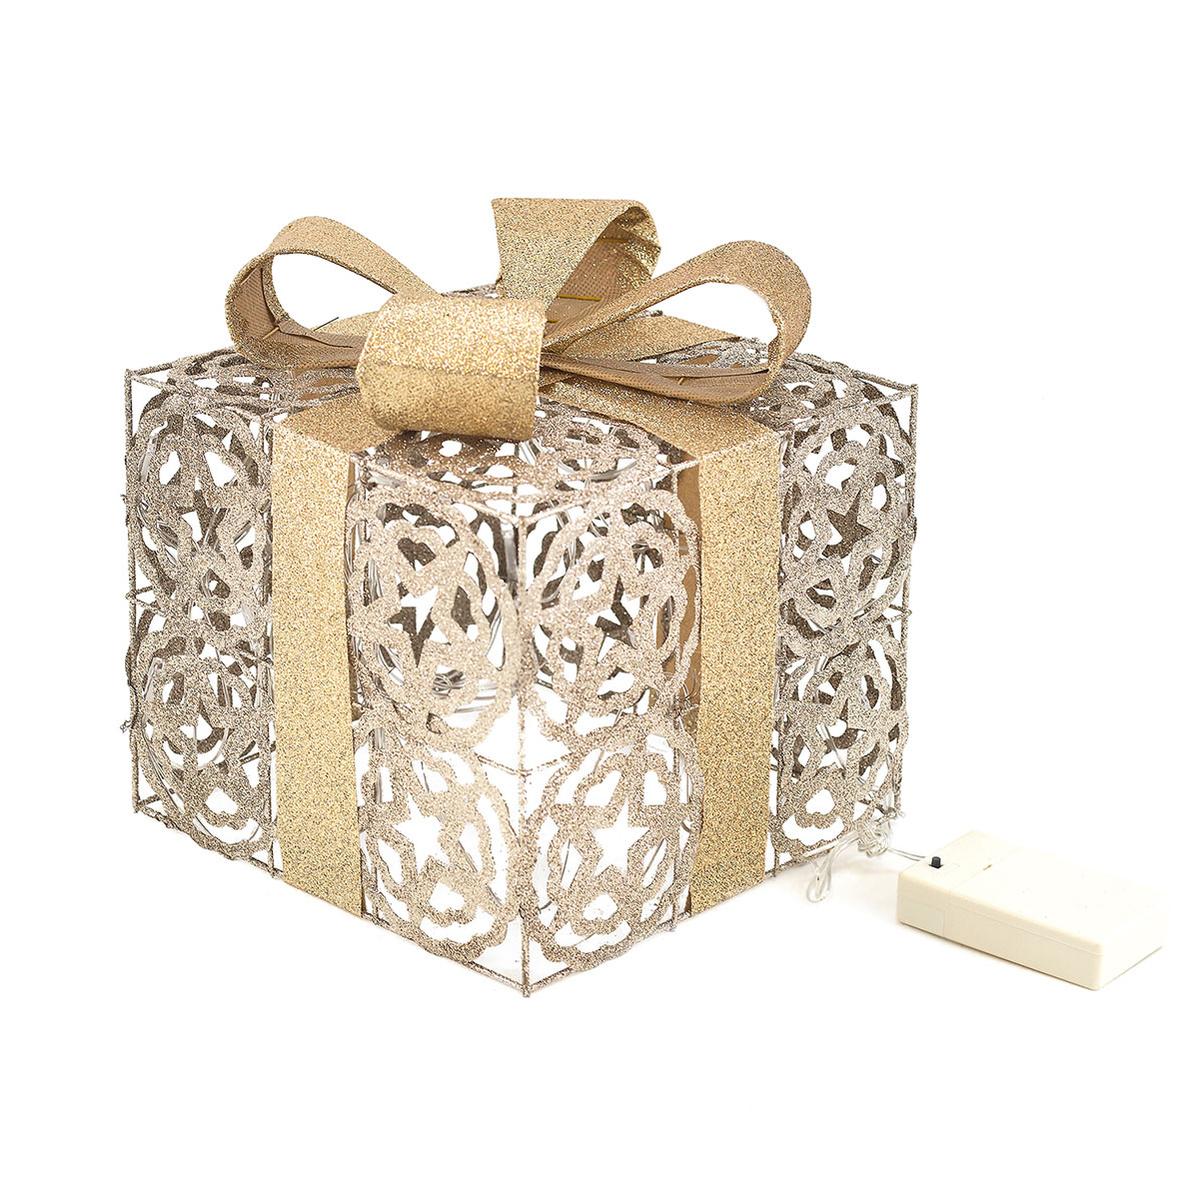 Geschenkbox Weihnachten.Led Geschenkbox Gold Weihnachtsdekoration Weihnachten Geschenkset Lichtbox